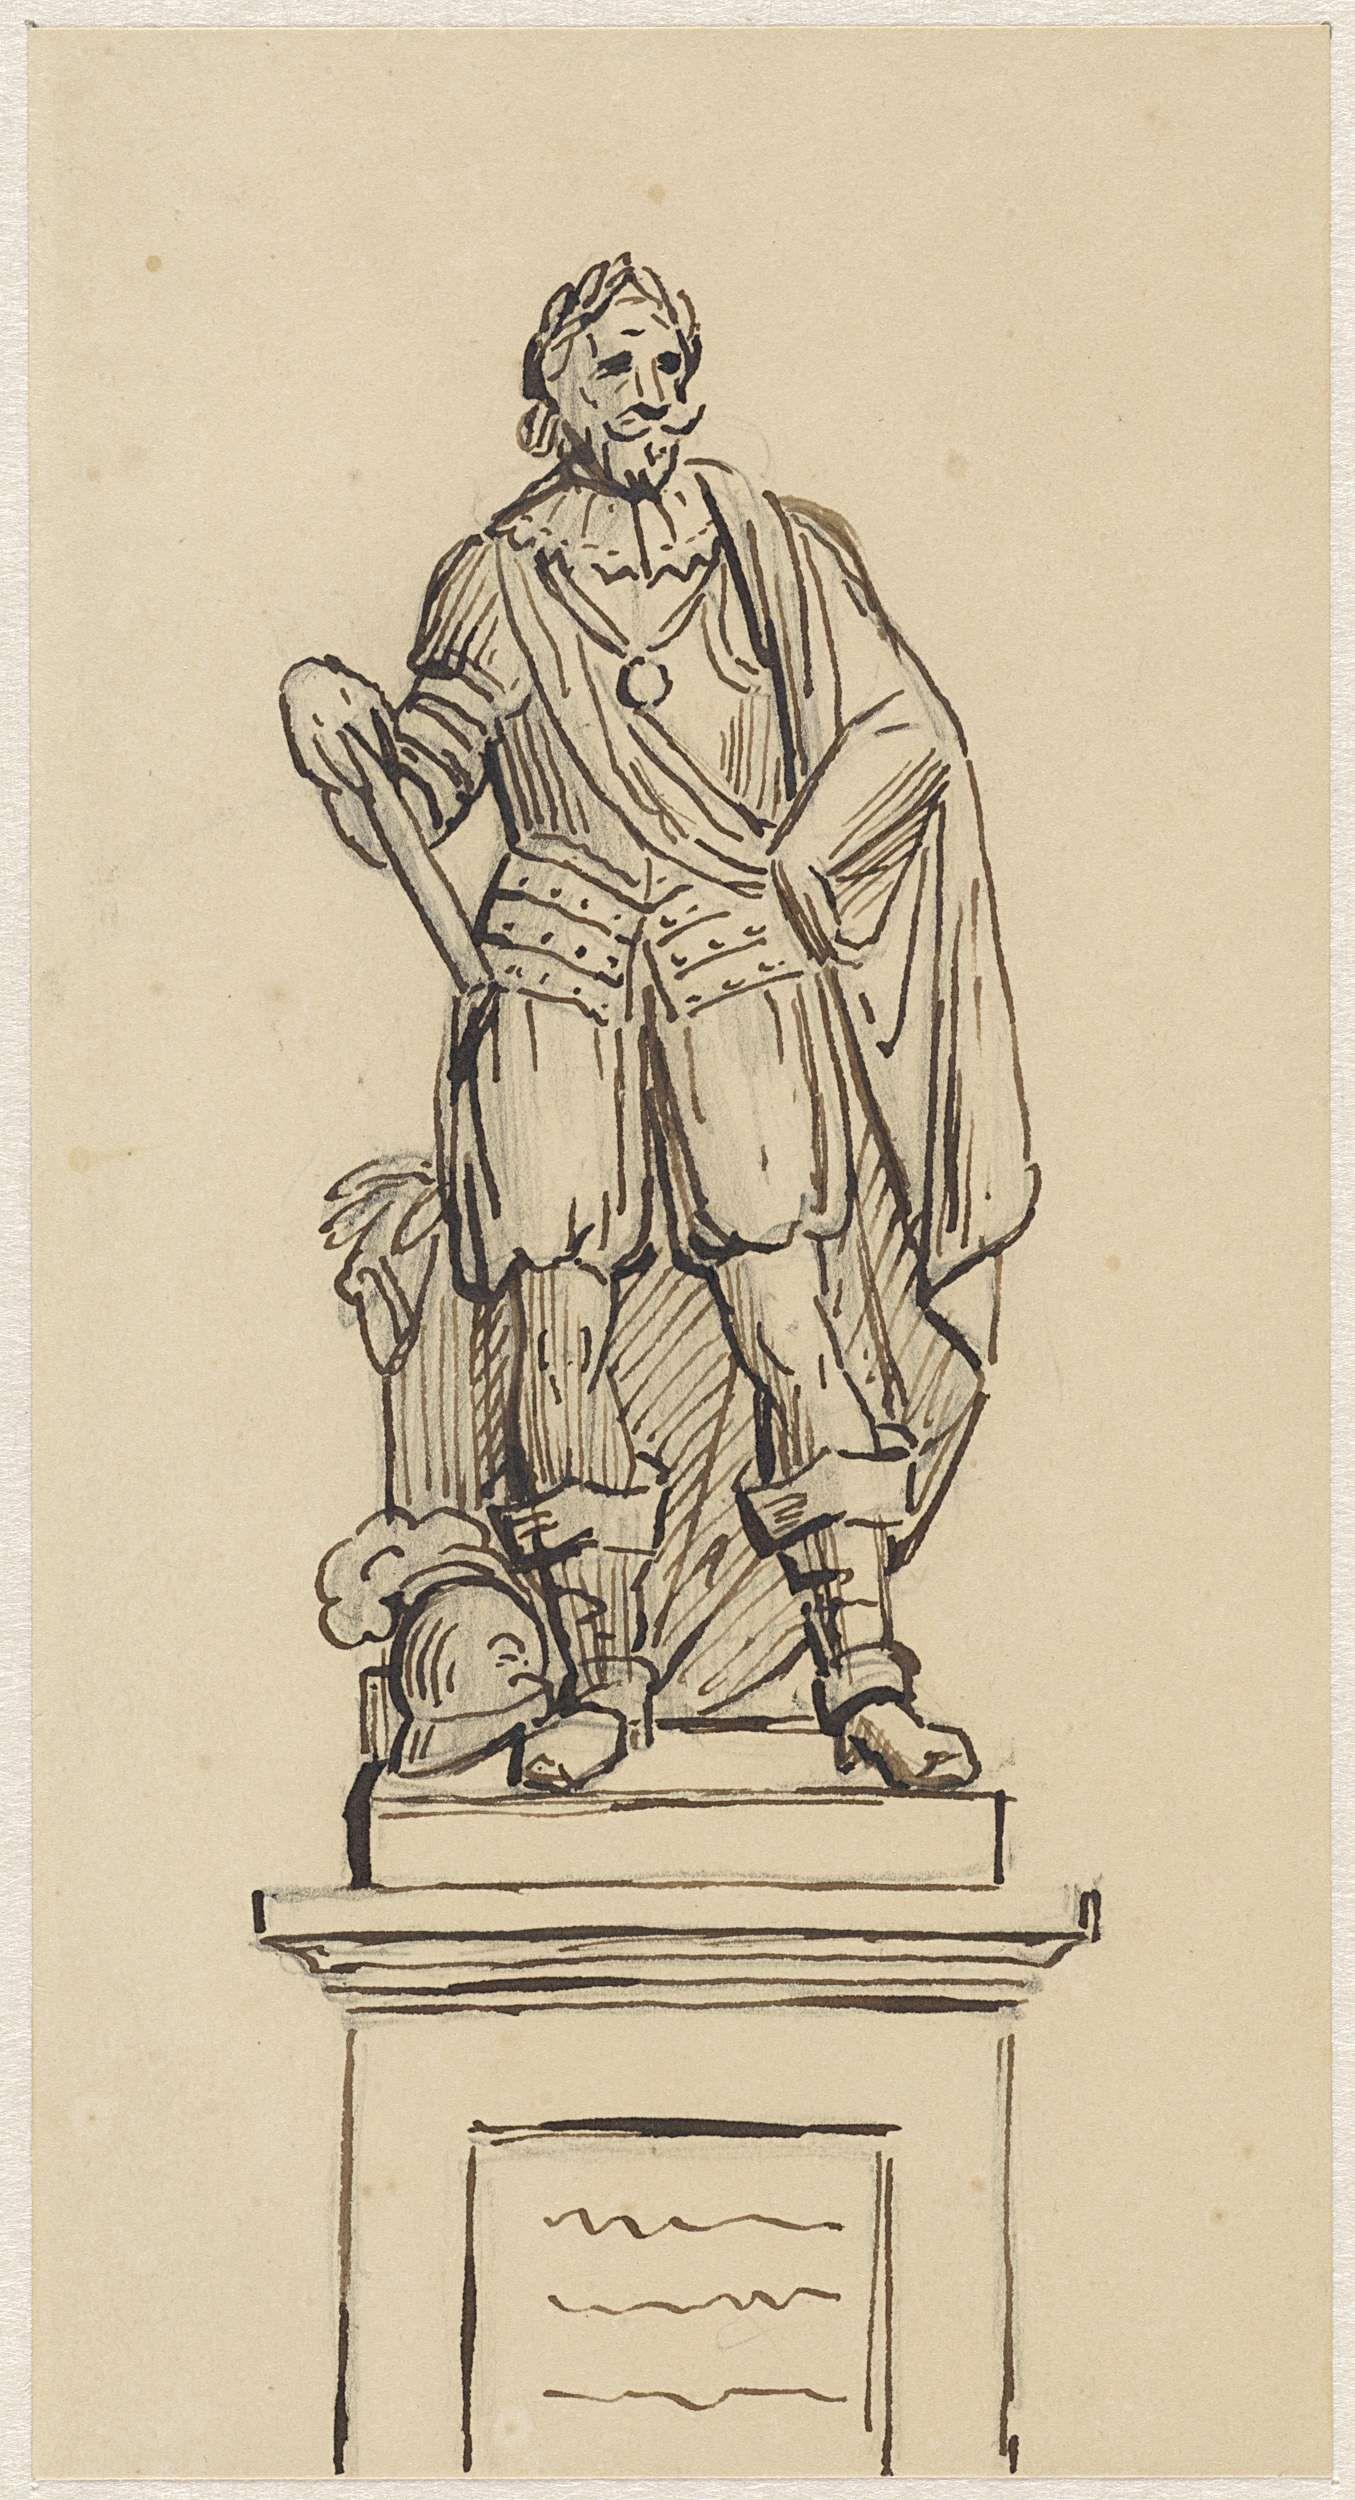 Louis Royer | Ontwerp voor een standbeeld van een krijgsbevelhebber, Louis Royer, 1803 - 1868 |